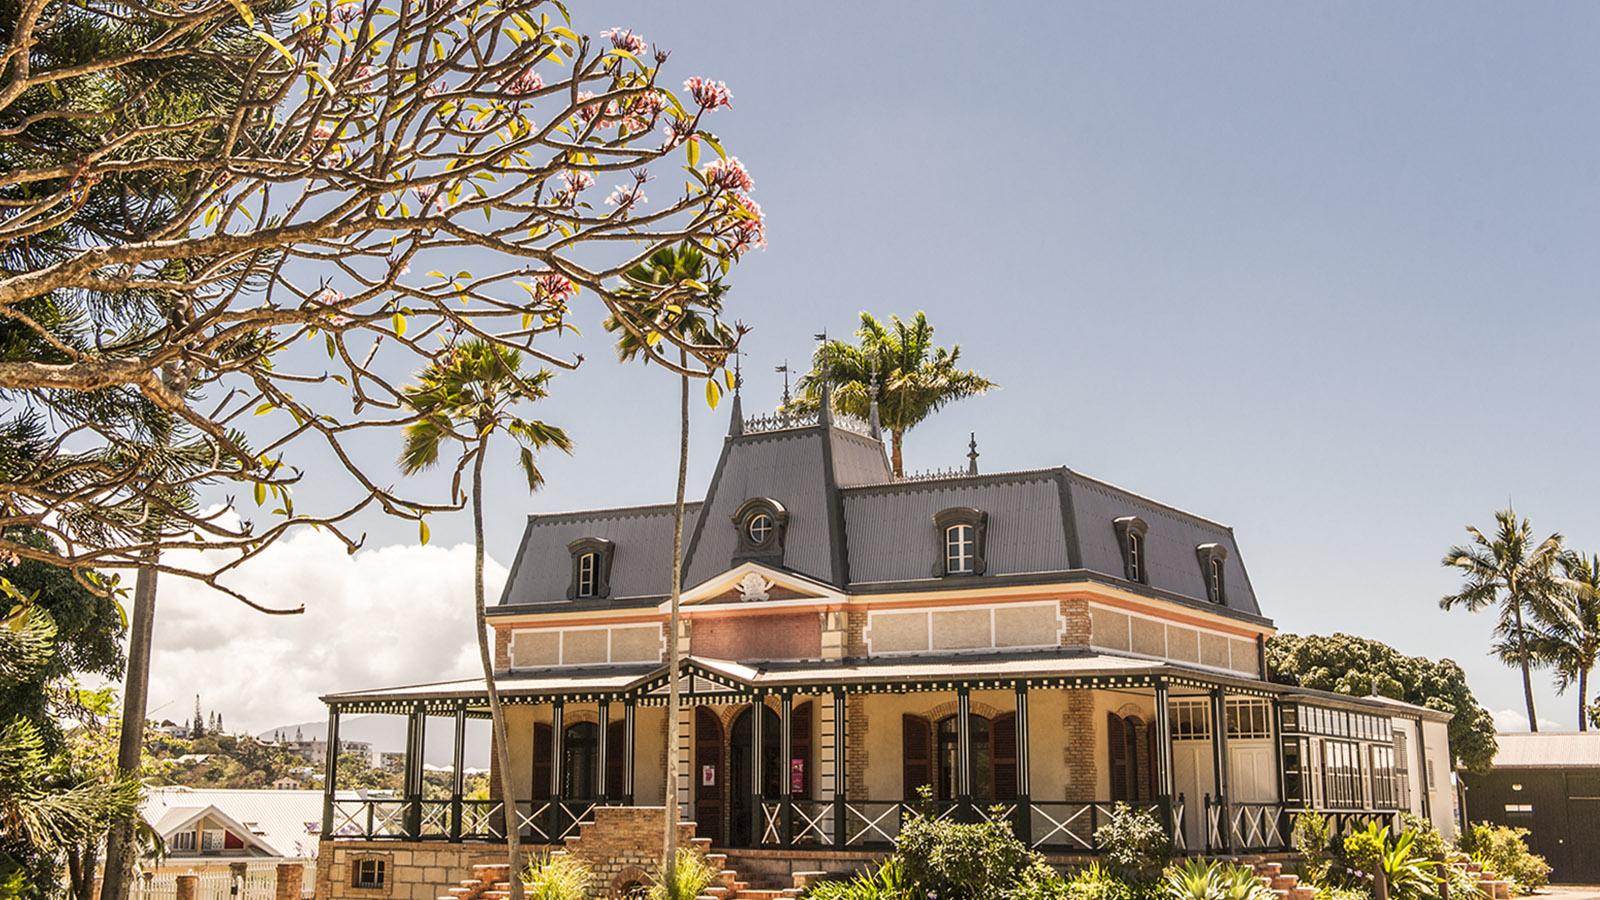 Neukaledonien: Château Hagen in Nouméa. Foto: Hilke Maunder